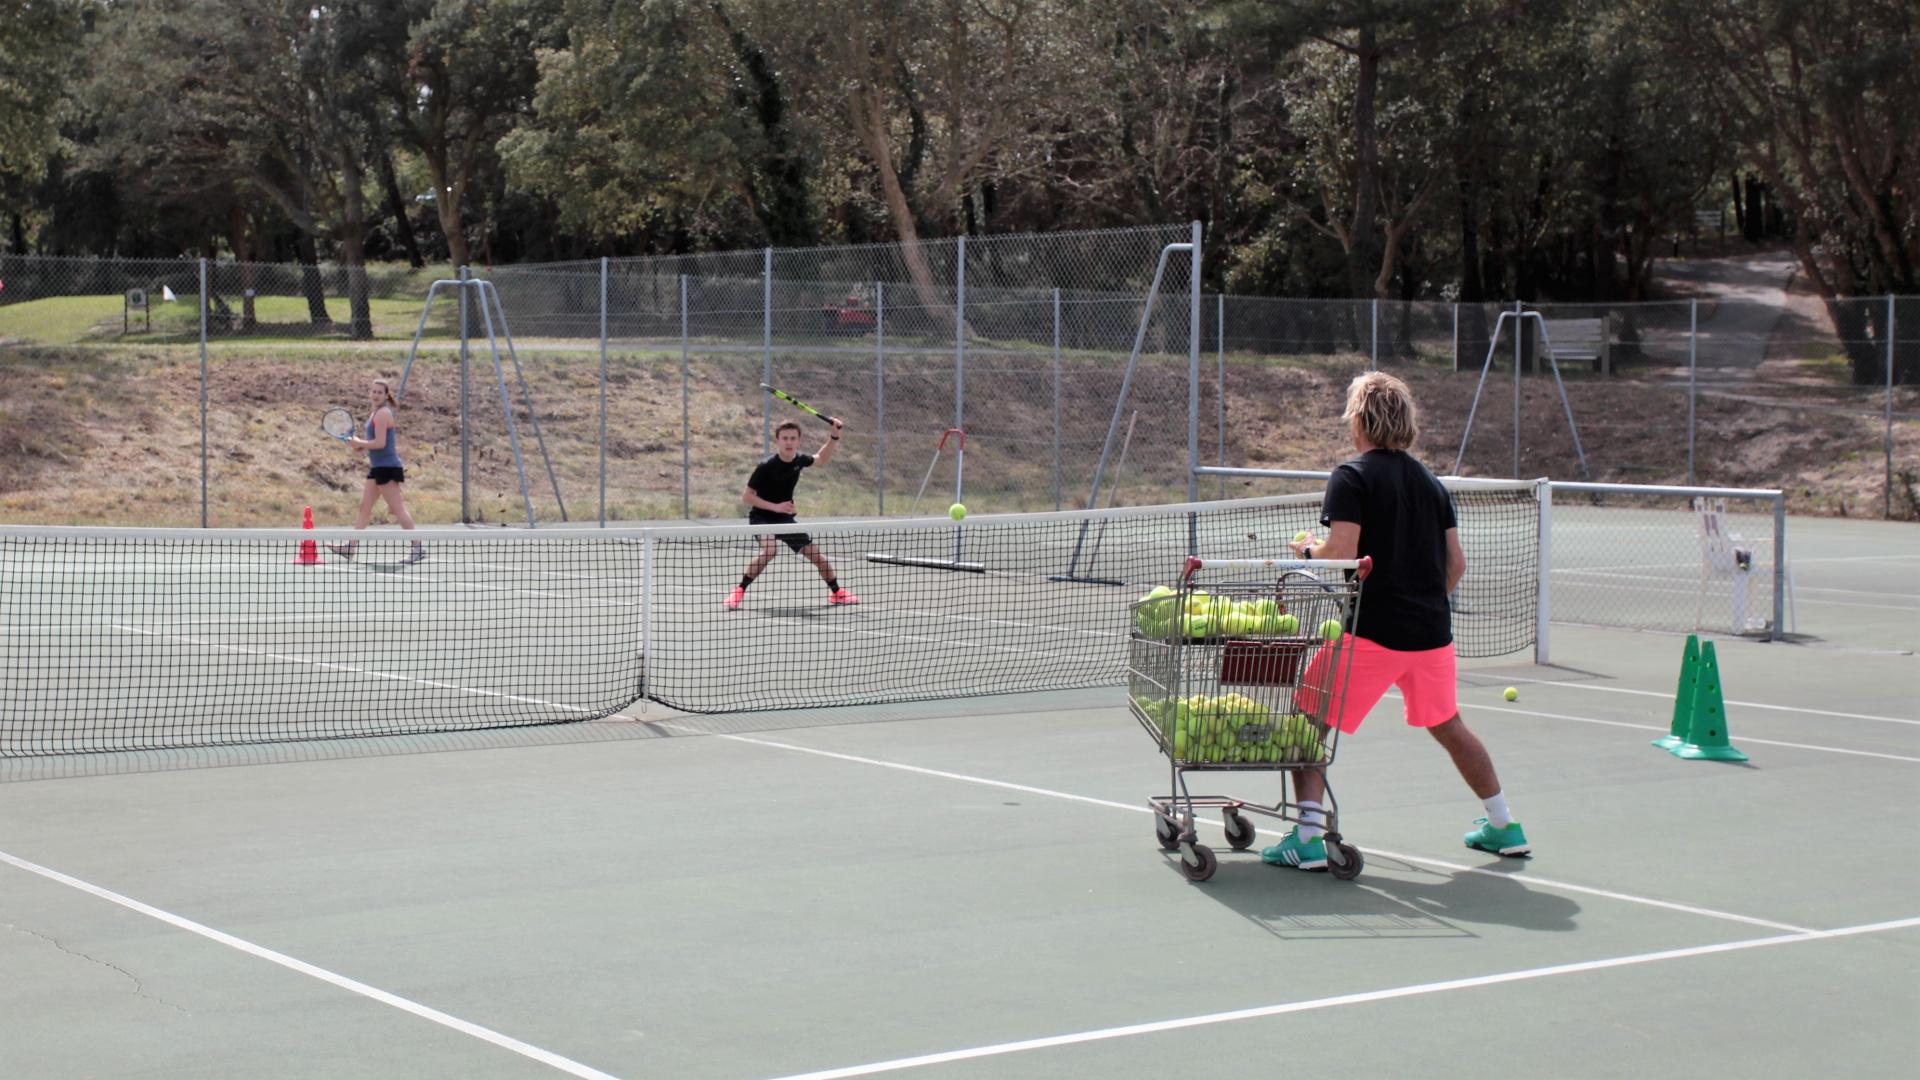 Venez profiter des entrainements avec notre professeur Mr Frédéric Casennave Du tennis de Moliets qui propose la location de courts à l'heure en dur, green-set, terre-battue, gazon couverts ou extérieurs. Des stages tennis pour tout public de Académi